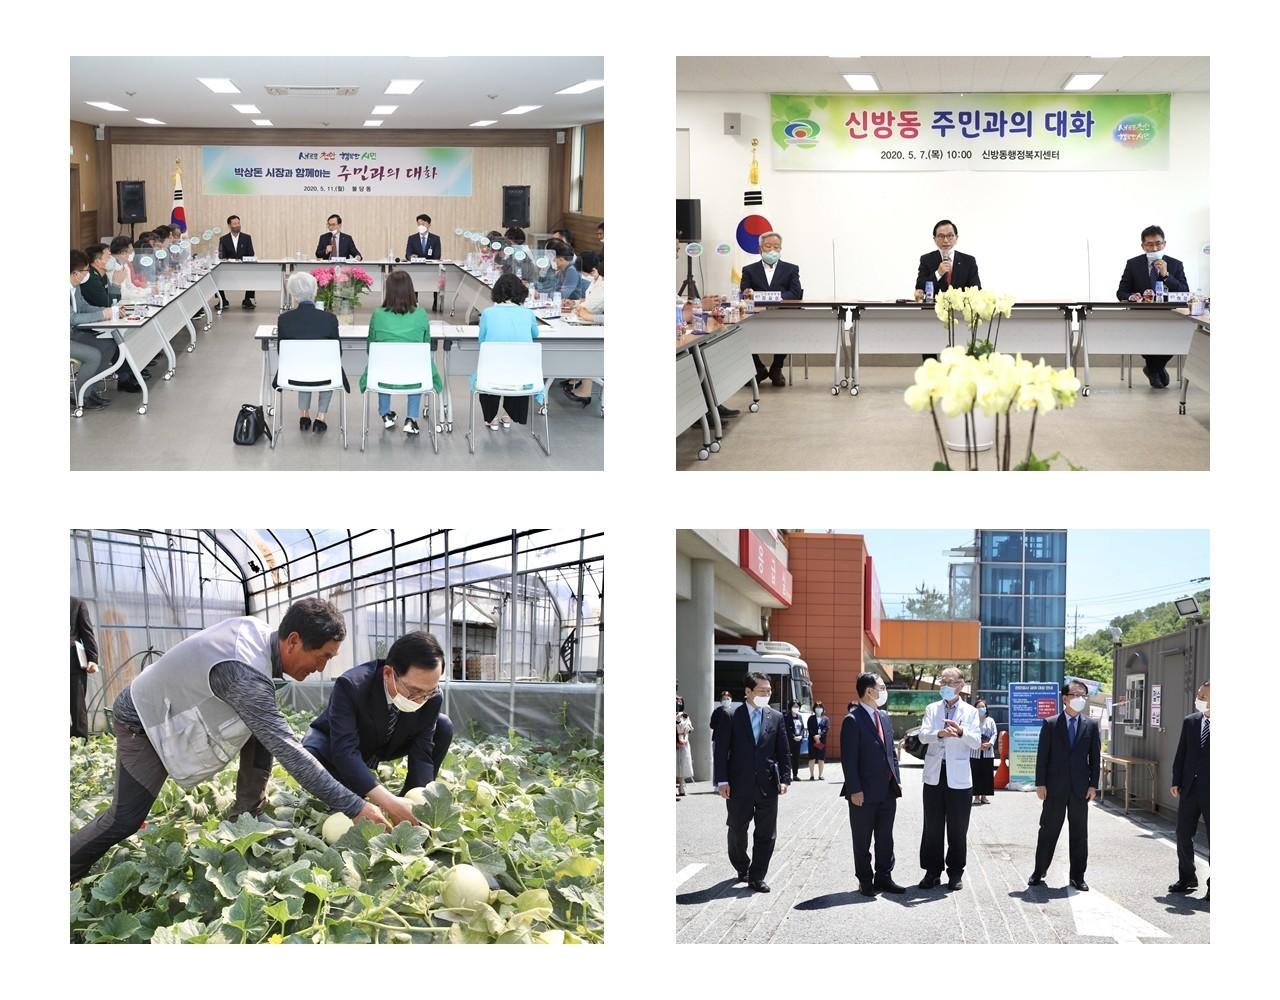 박상돈 천안시장이 지난 5월 7일부터 6월 1일까지 30개 읍면동을 방문해 '주민과의 대화'를 운영했다.